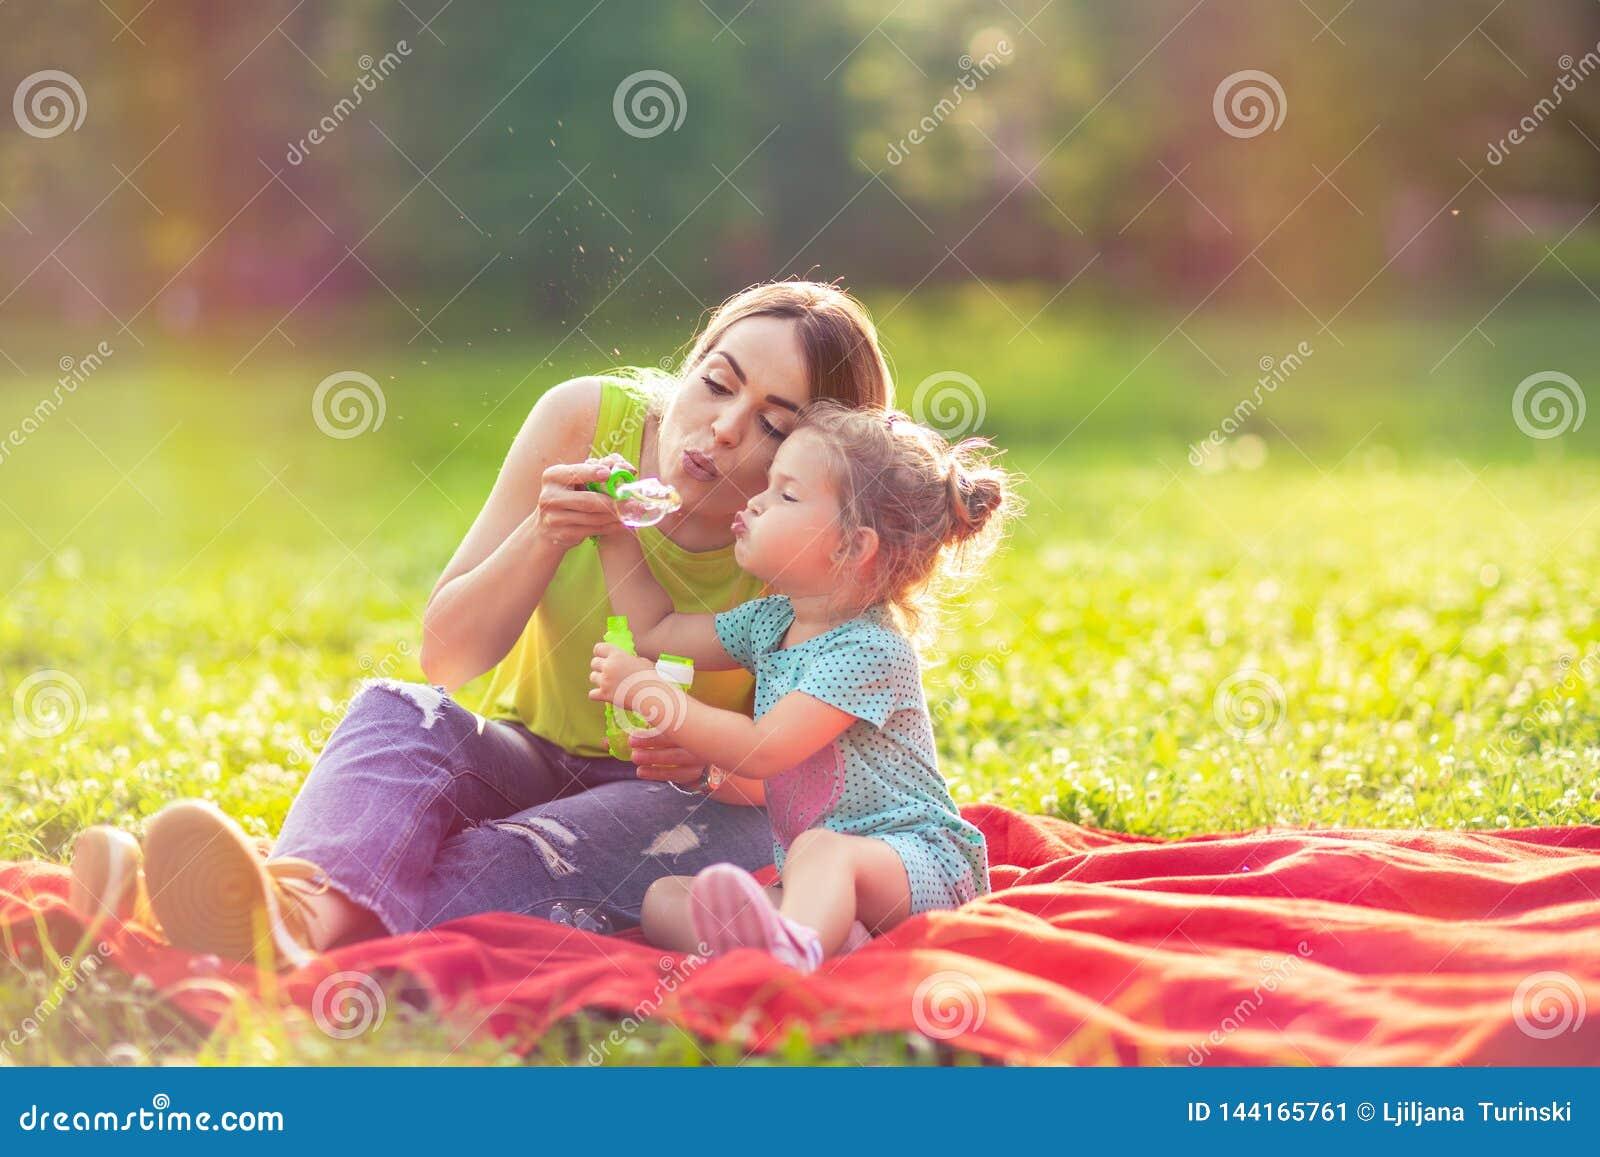 Mère et fille dans la mousse de soupe à coups de parc et faire des bulles